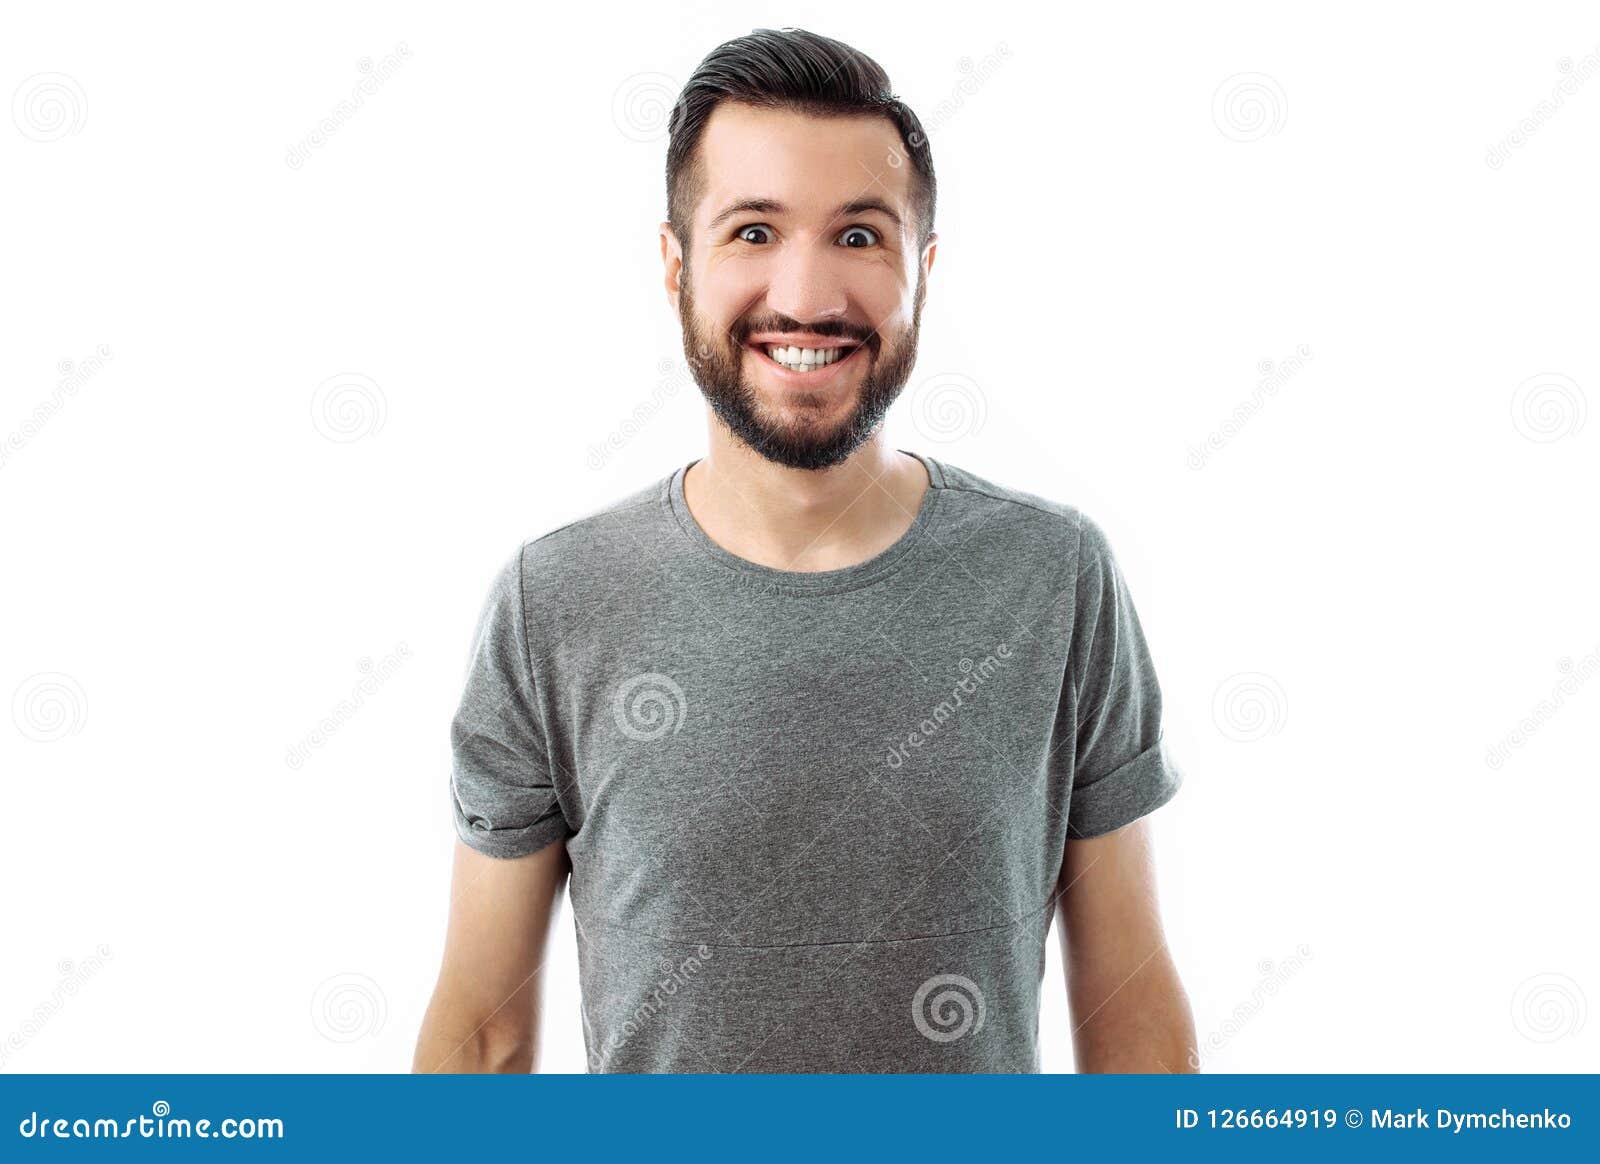 Stående av en ung man med ett skägg som bär en grå skjorta som poserar för kameran med ett stort leende på en vit bakgrund